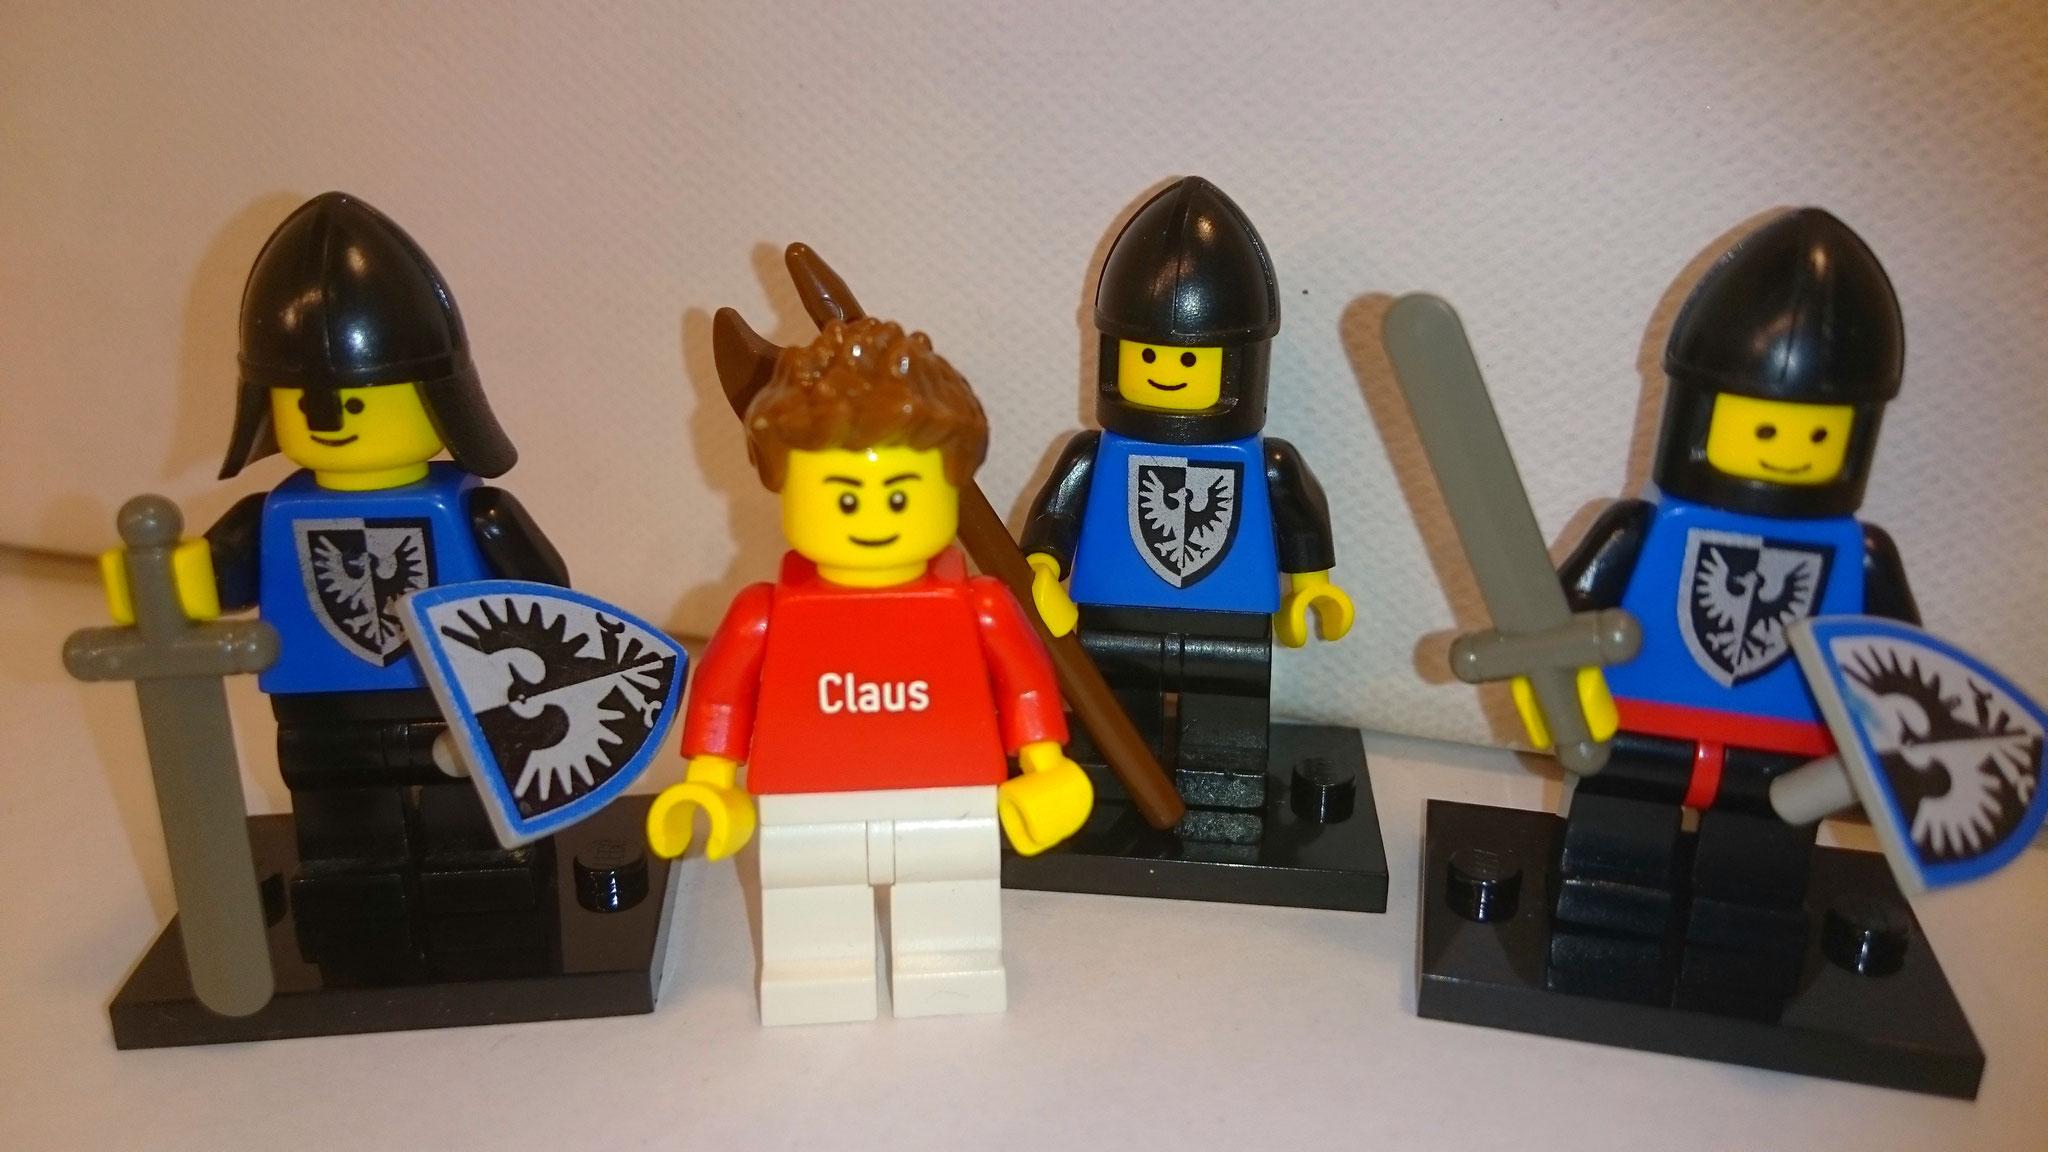 Ritter mit seitenverkehrten (linksschauenden) Falken am Brustpanzer